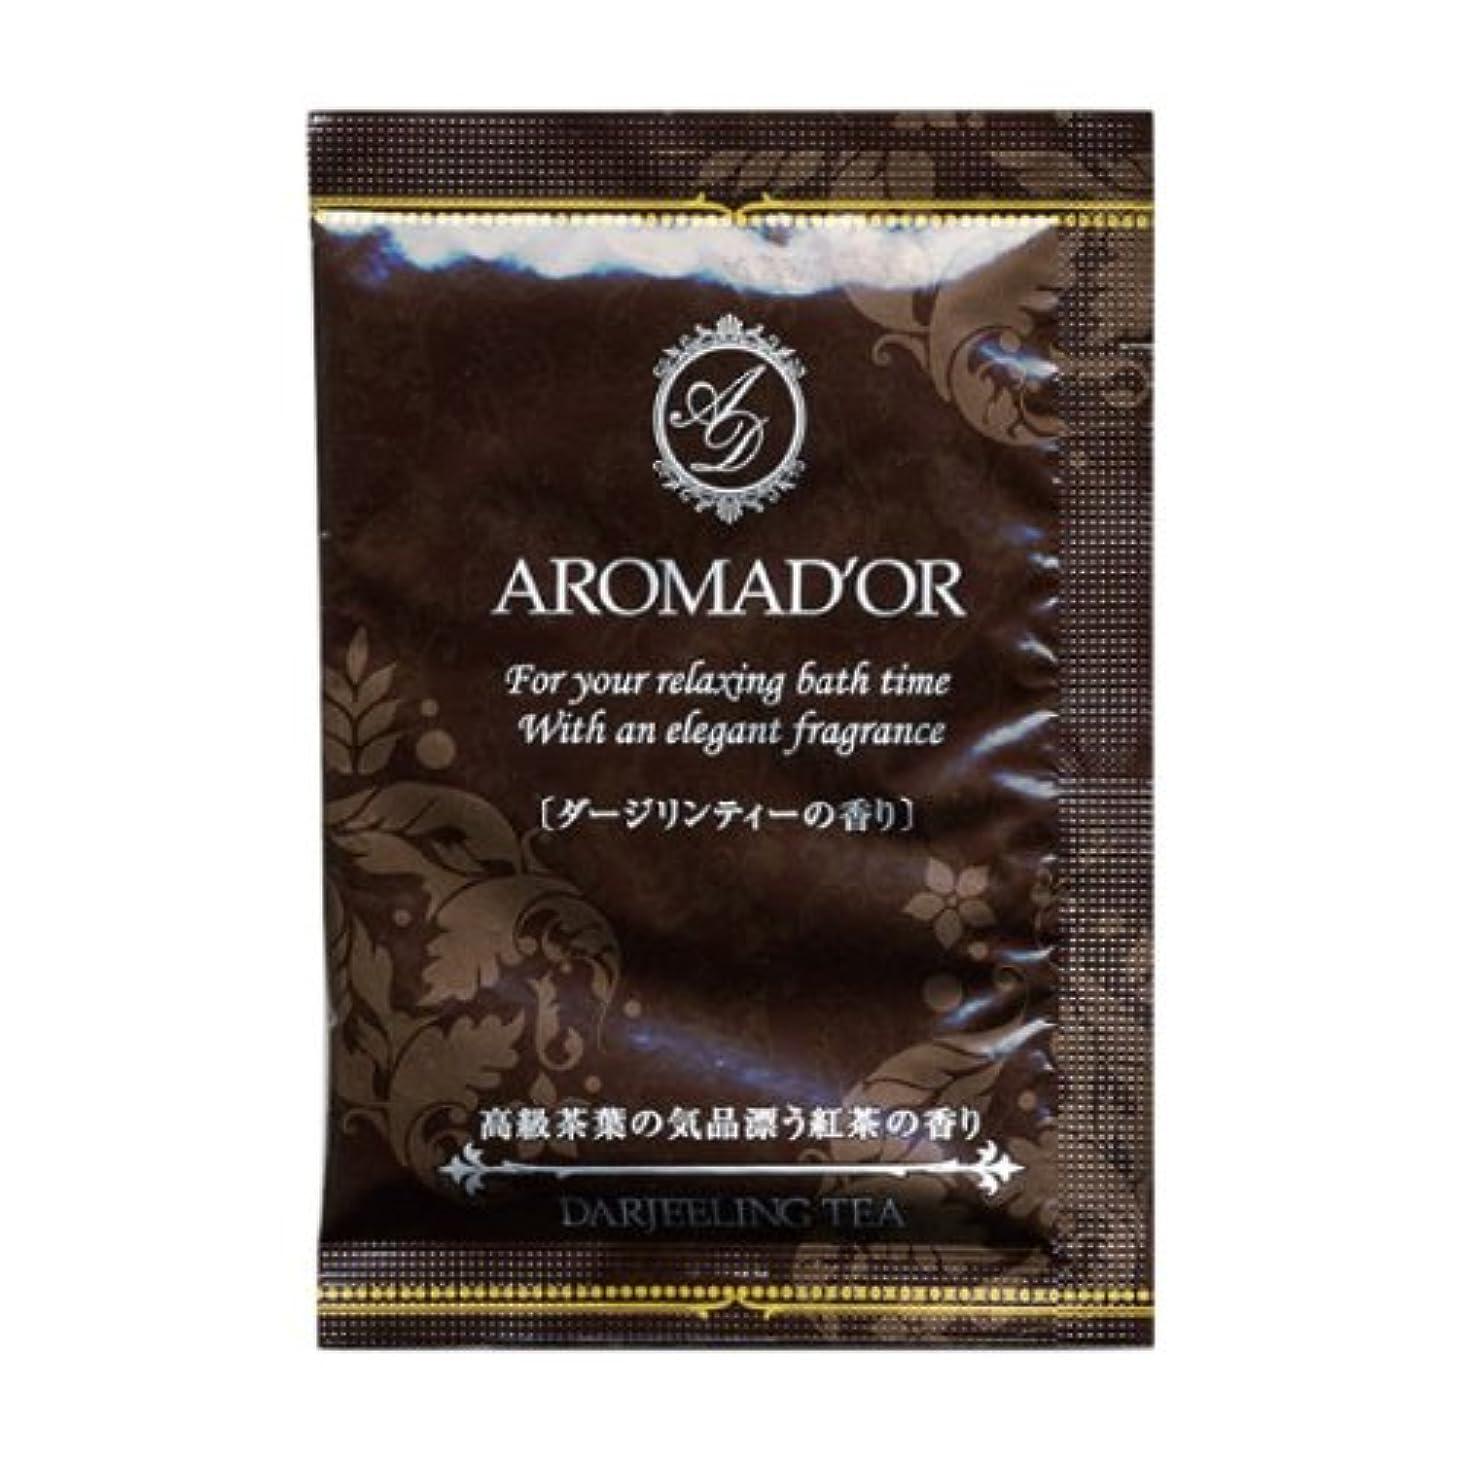 テーブル極めて重要な配送アロマドール入浴剤 ダージリンティーの香り 12包